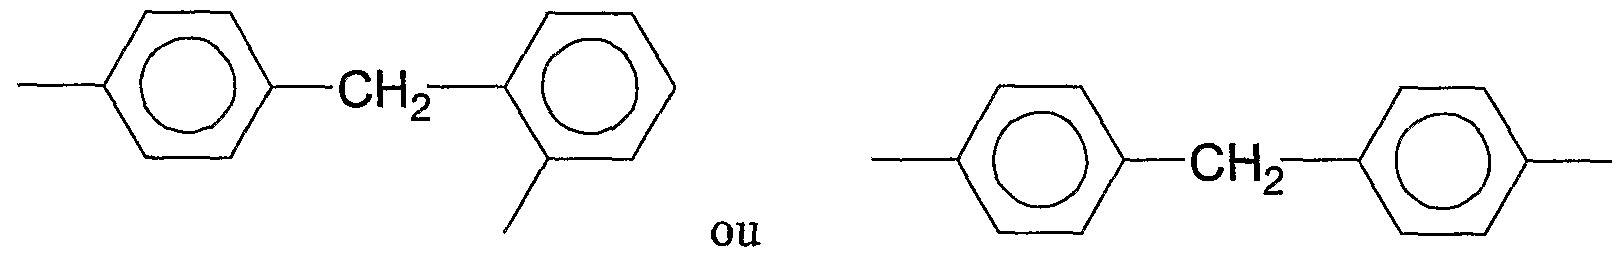 Figure imgf000008_0004